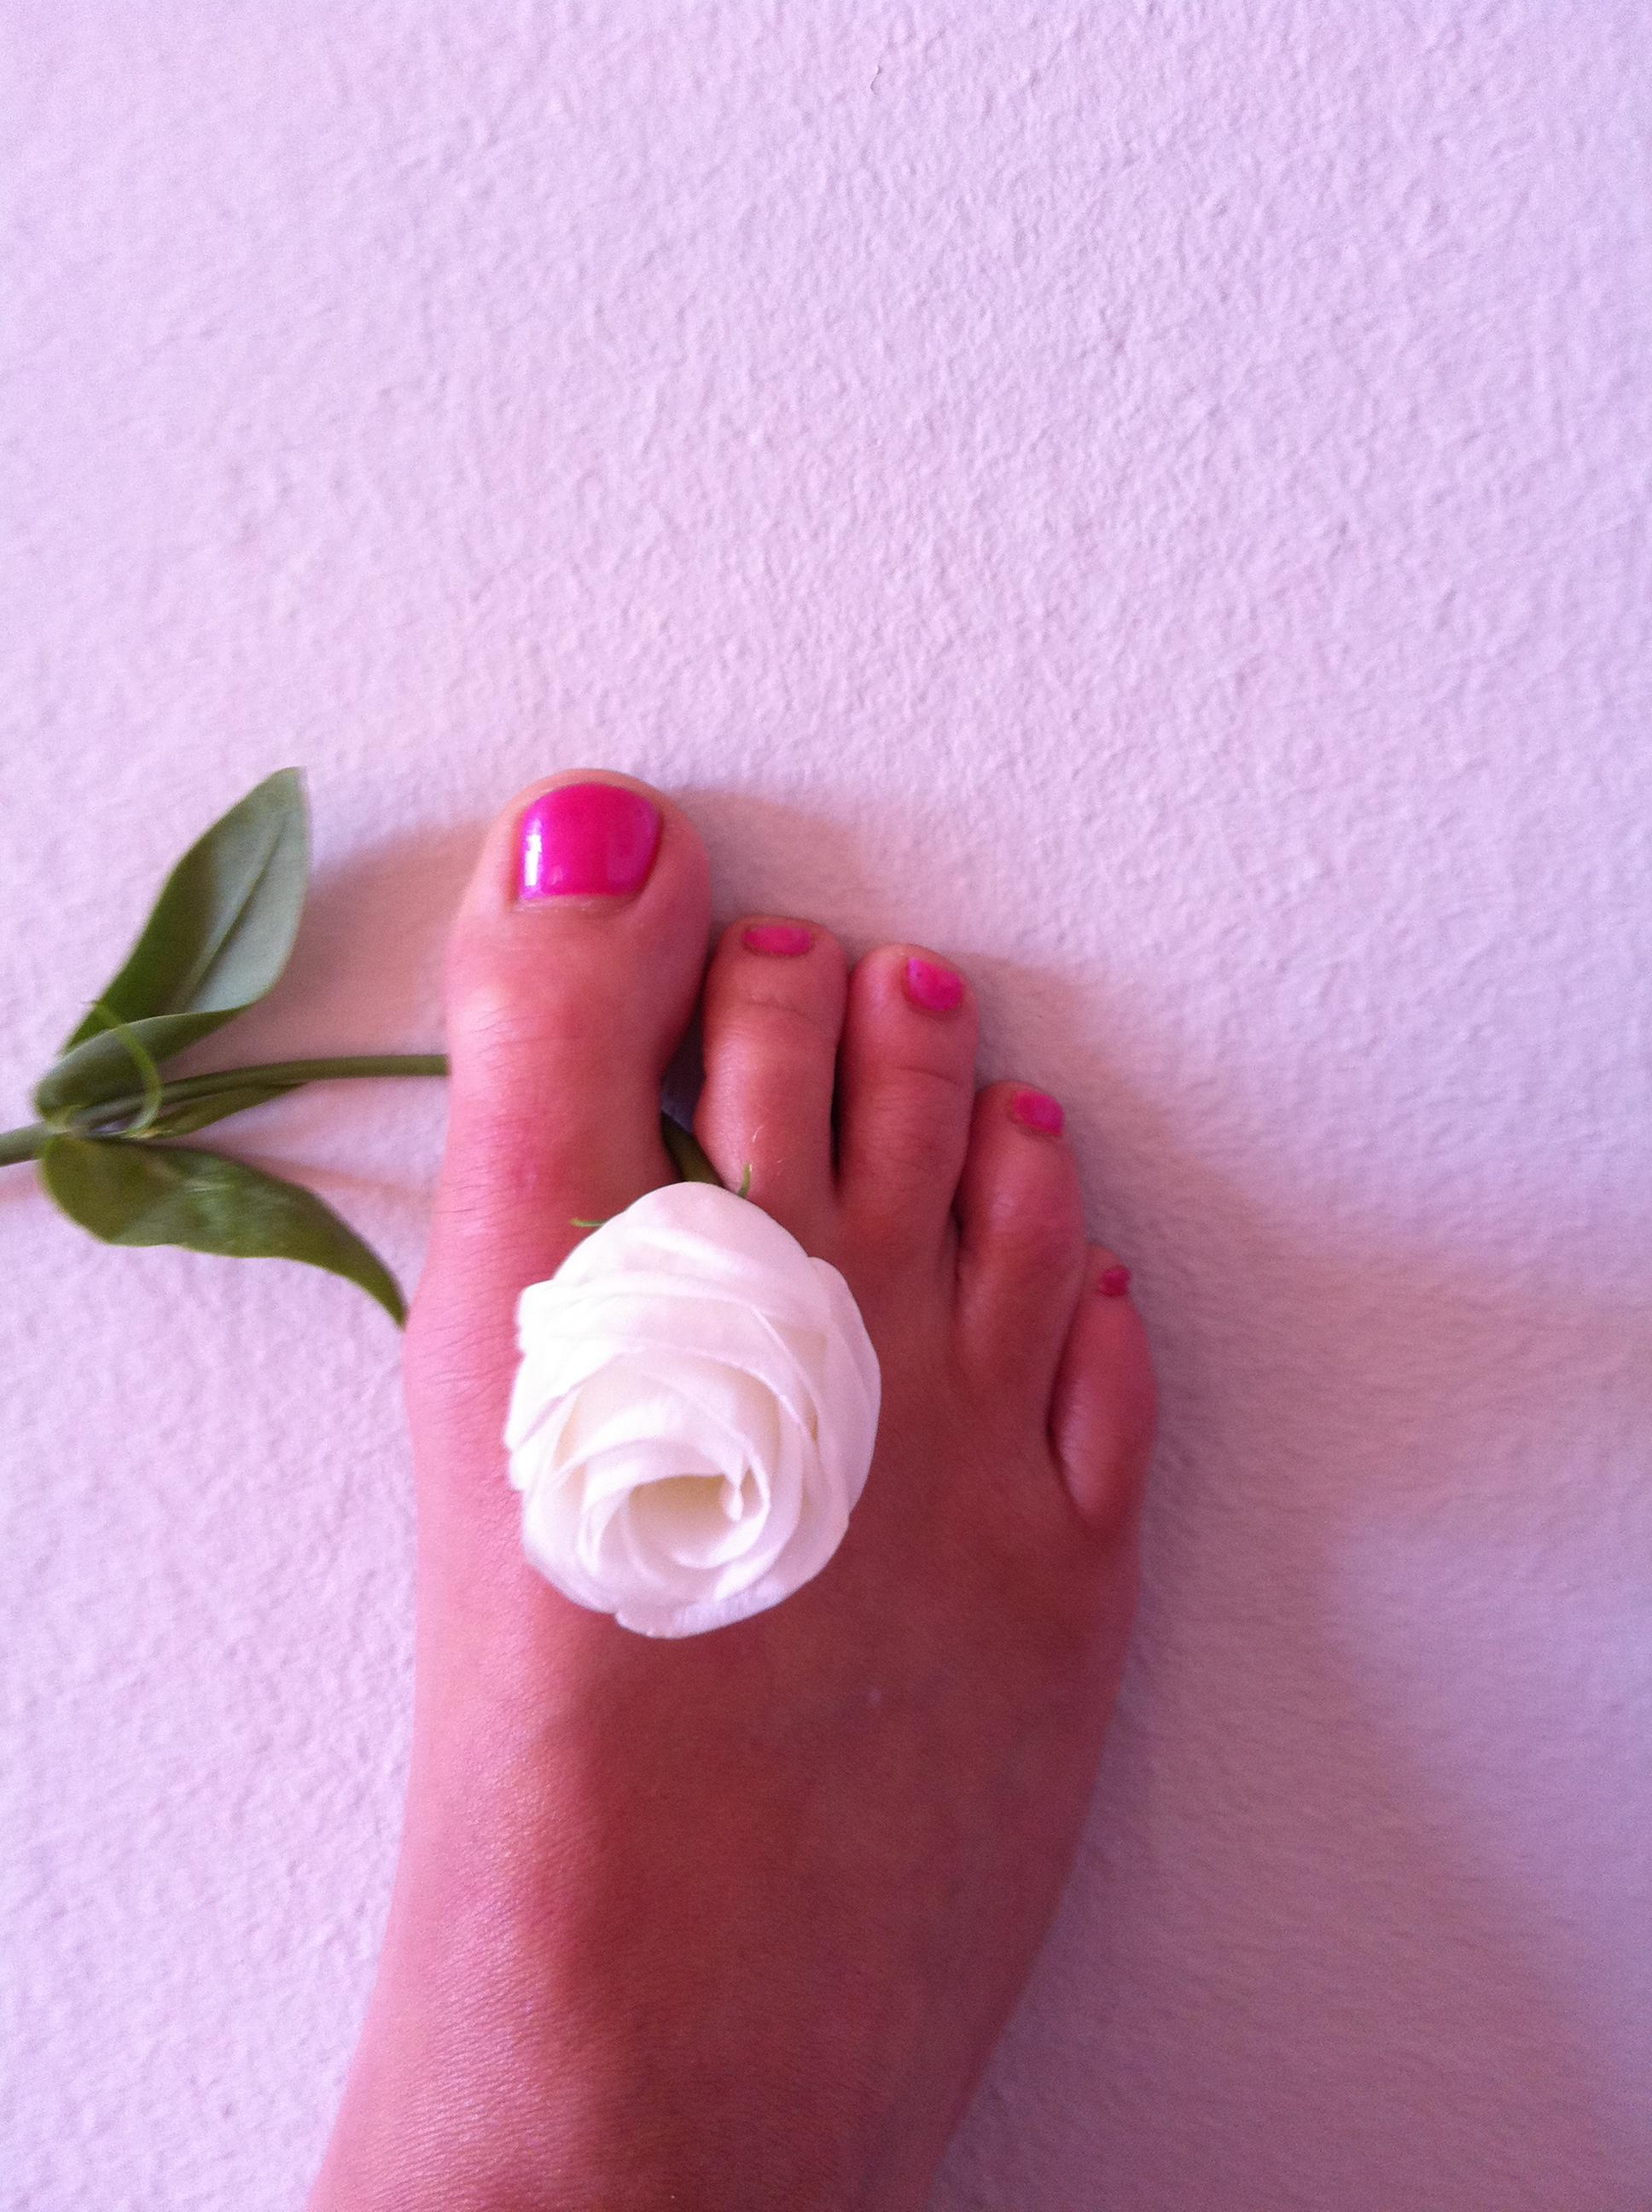 Pedicura o rituales de belleza para los pies